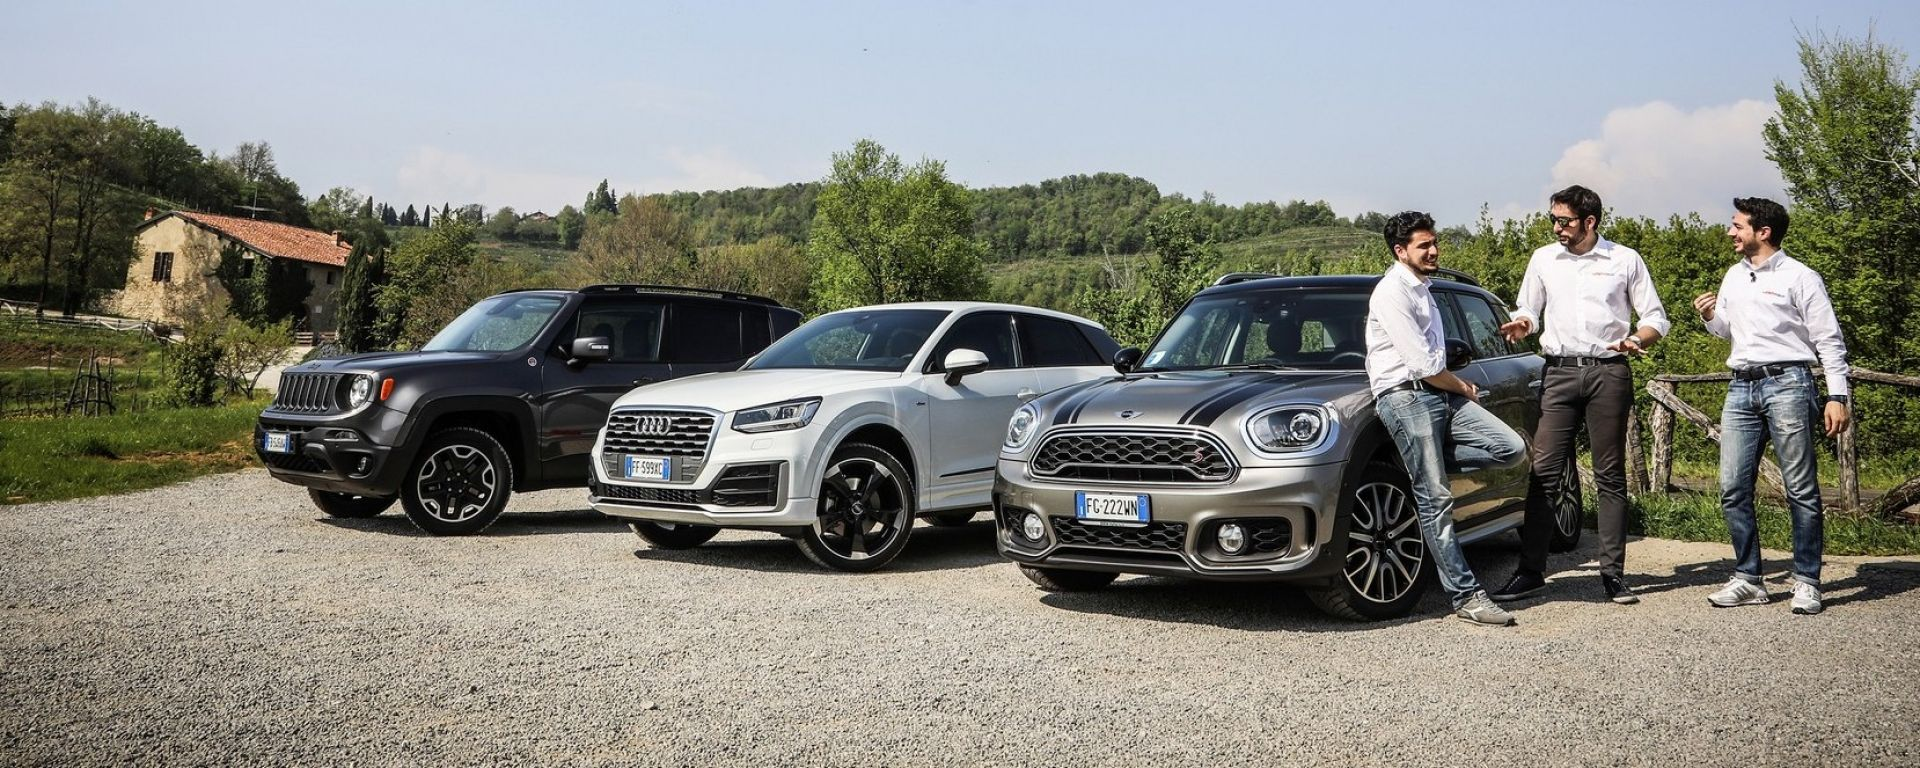 Jeep Renegade Trailhawk vs Audi Q2 vs Mini Countryman: tre modi di essere suv compatti alla moda